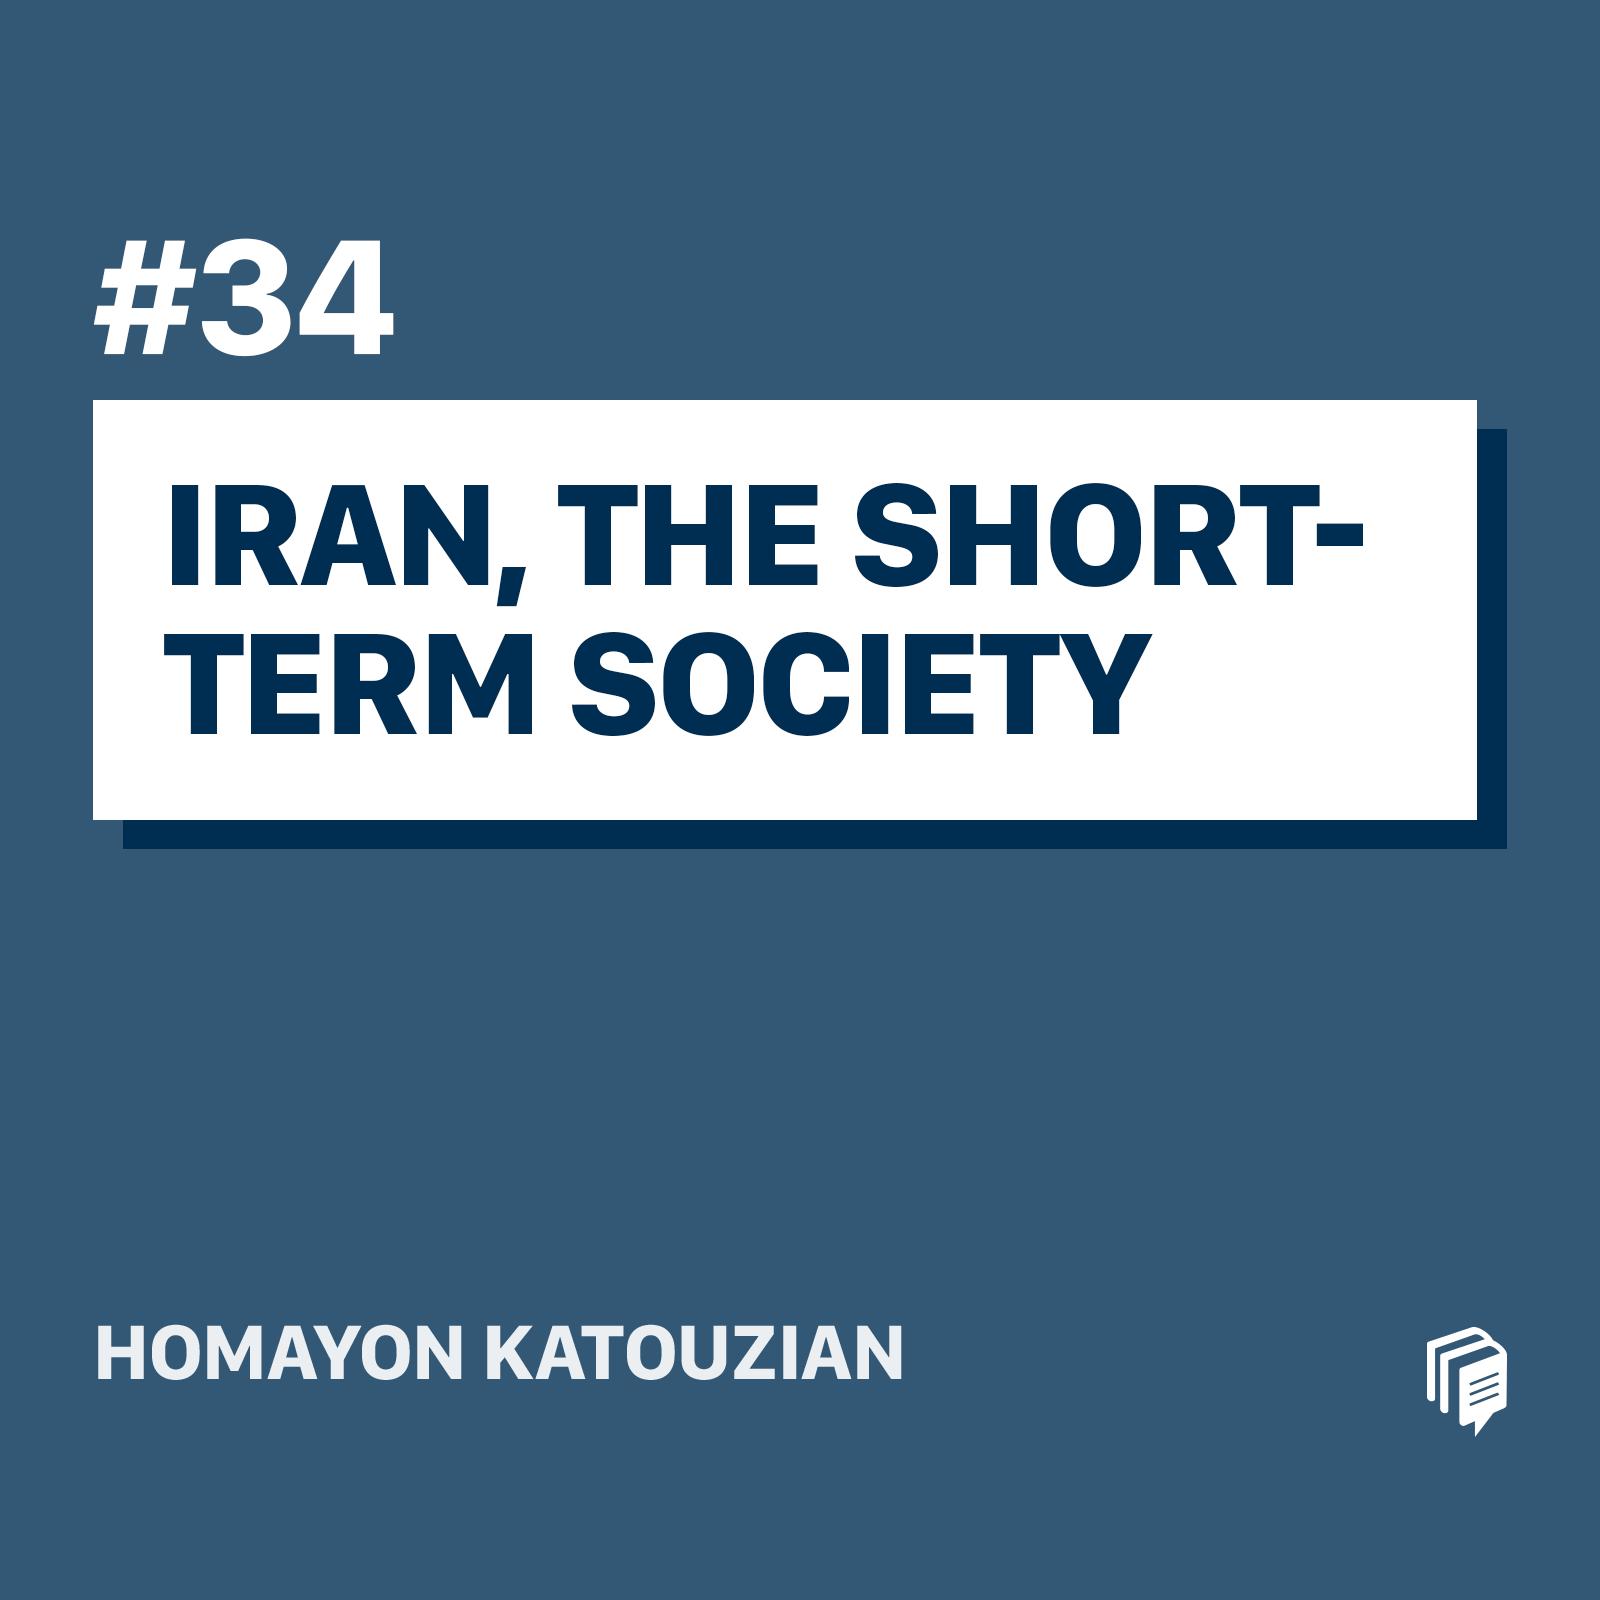 کتاب «اقتصاد سیاسی ایران»